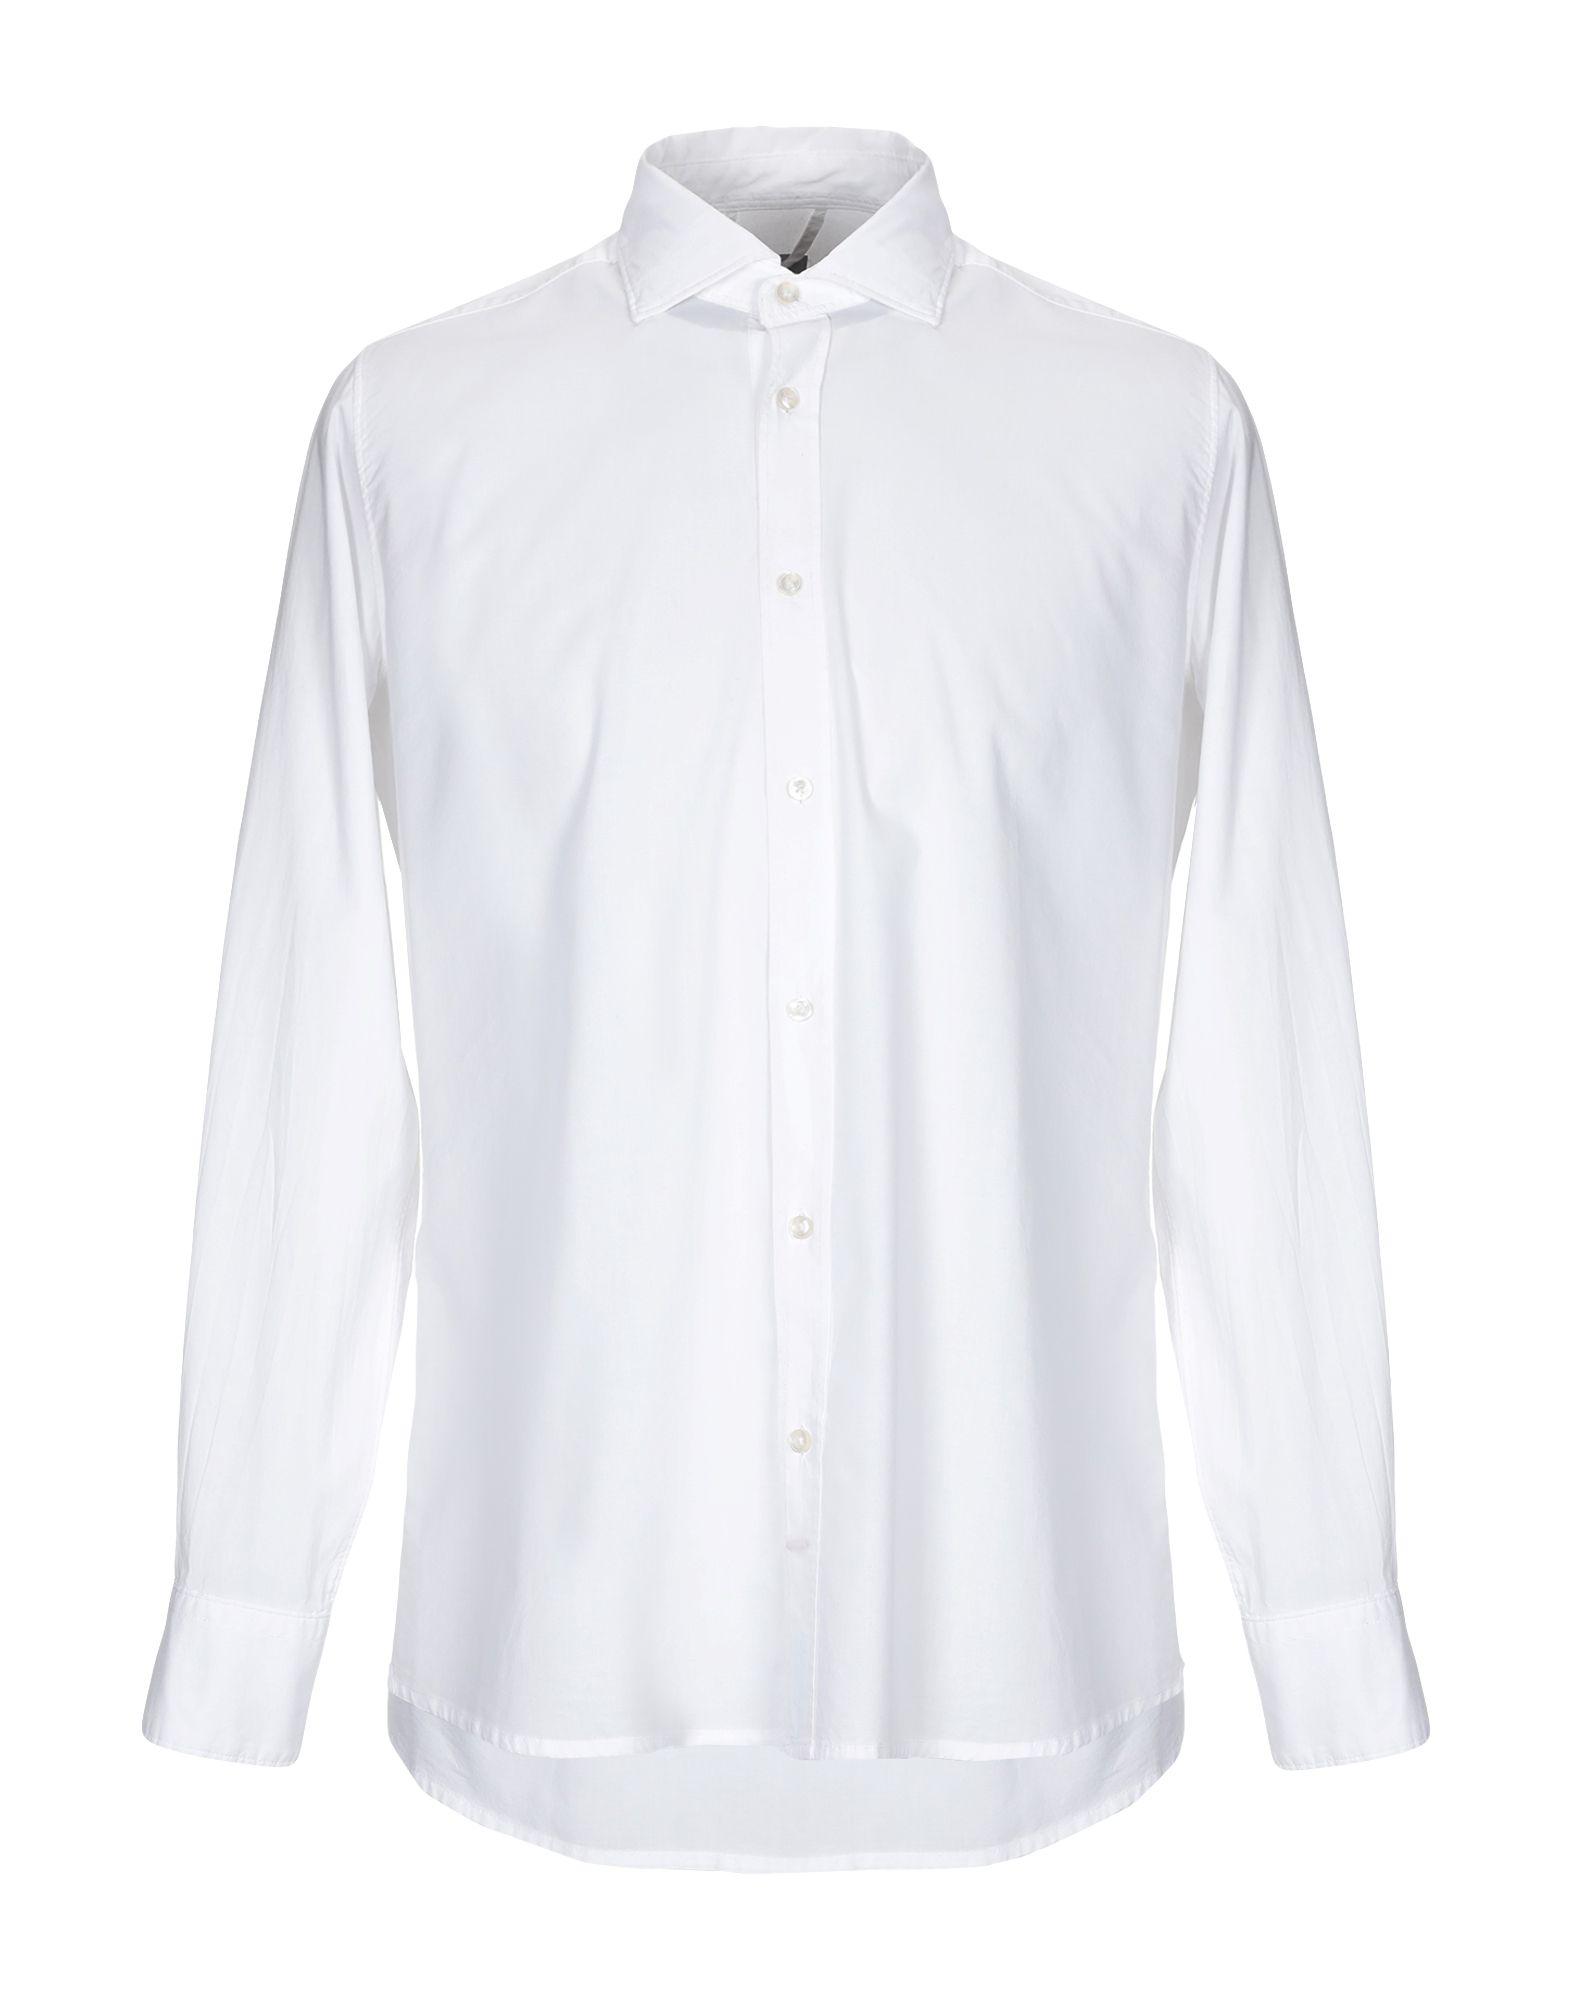 《送料無料》R3D W D メンズ シャツ ホワイト M コットン 100%